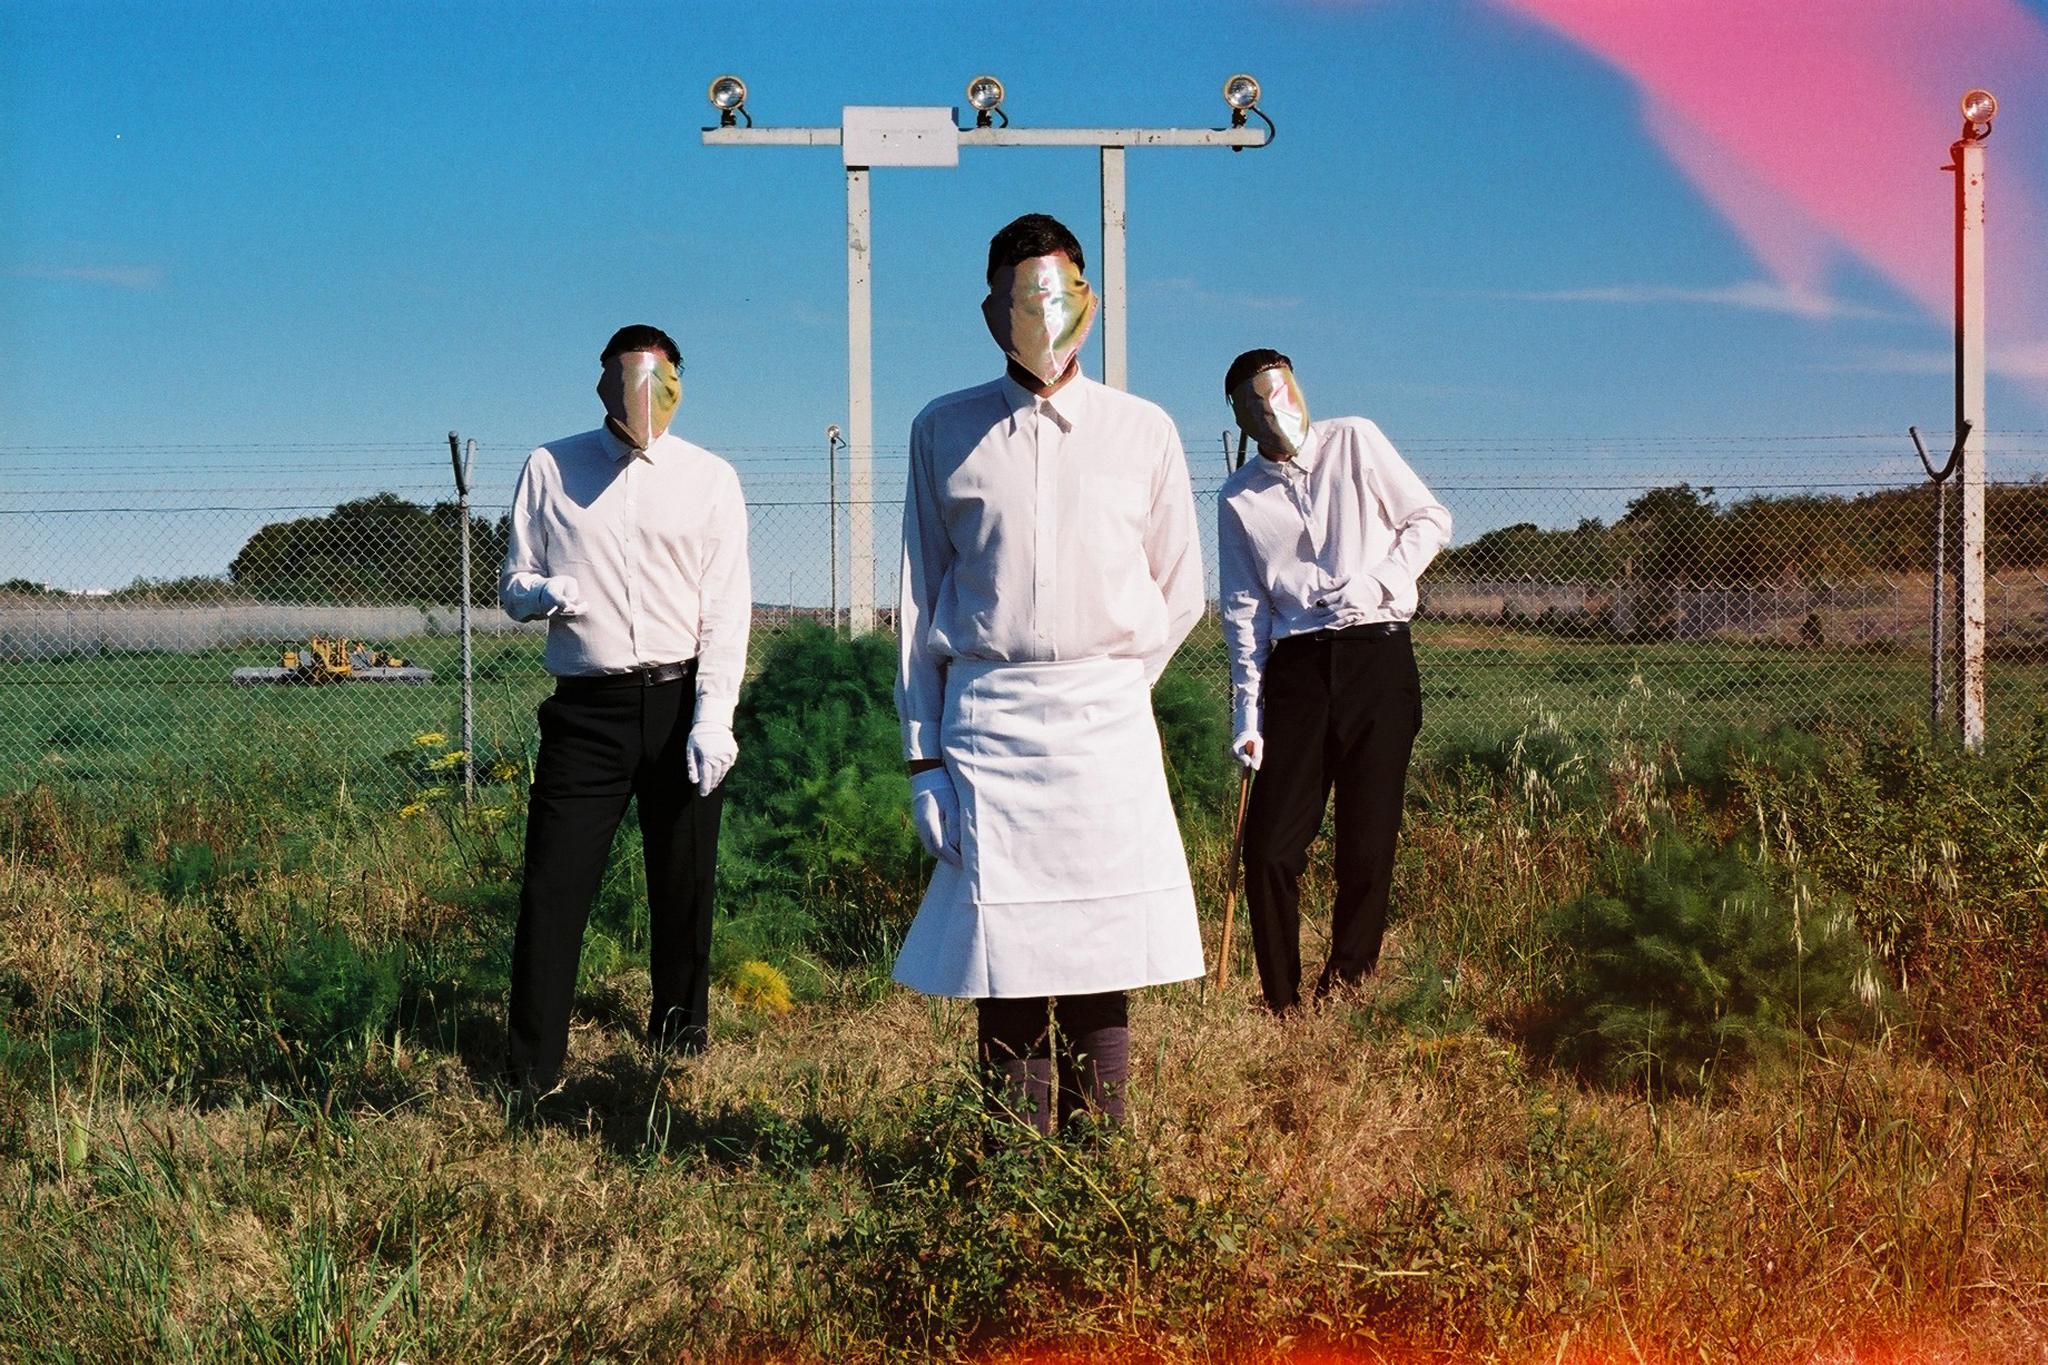 Mysteries unveil hypnotic debut track 'Deckard'